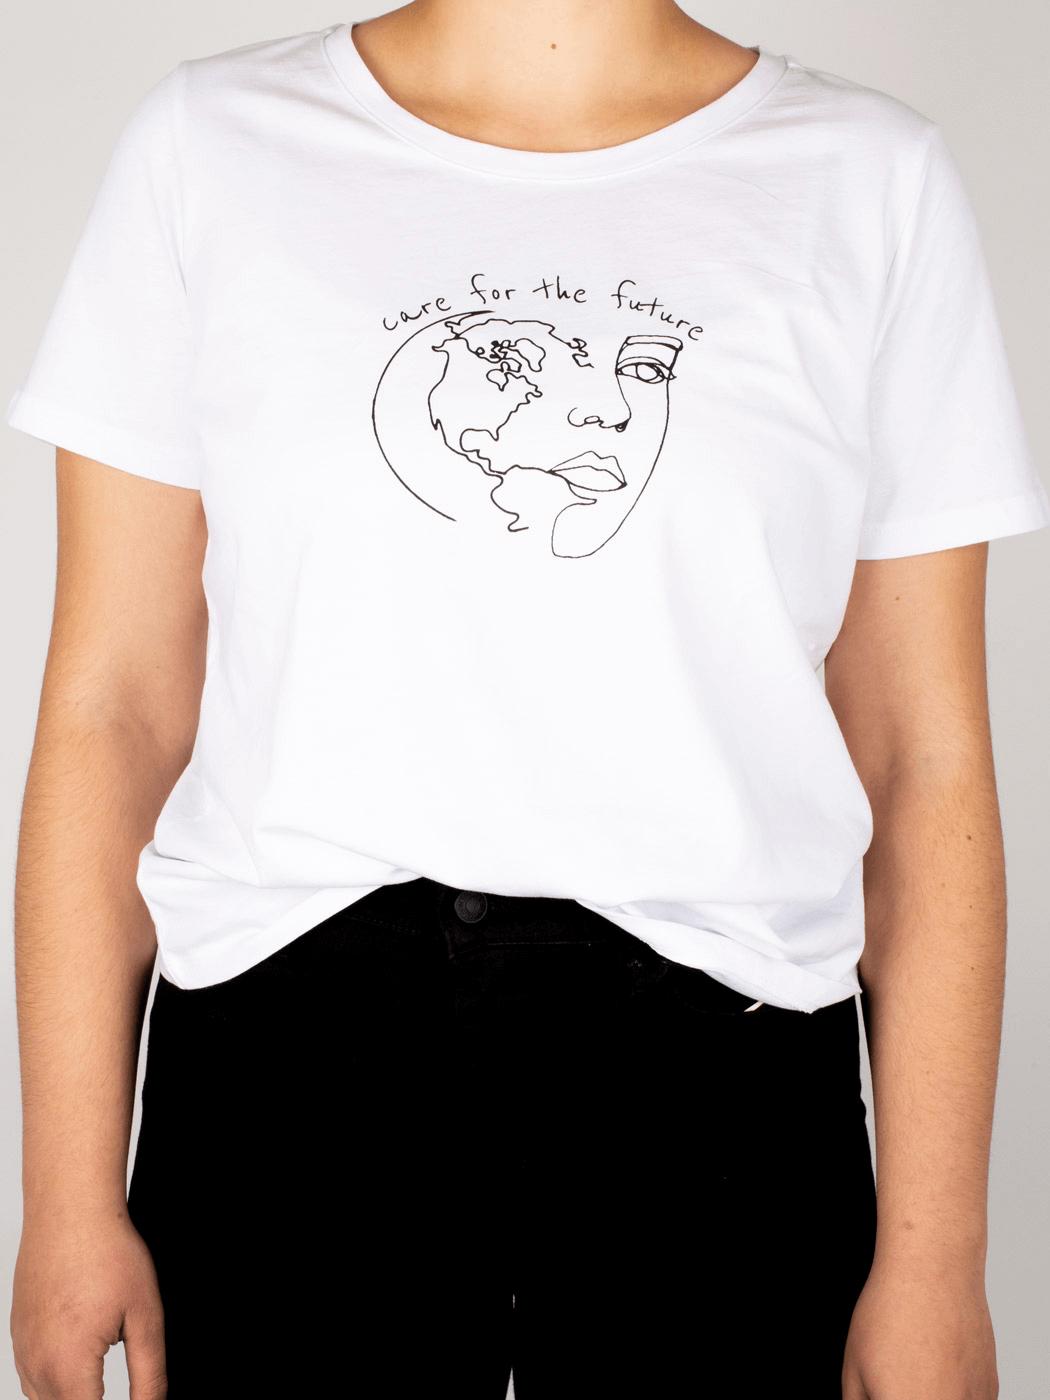 Trend Statement Shirt